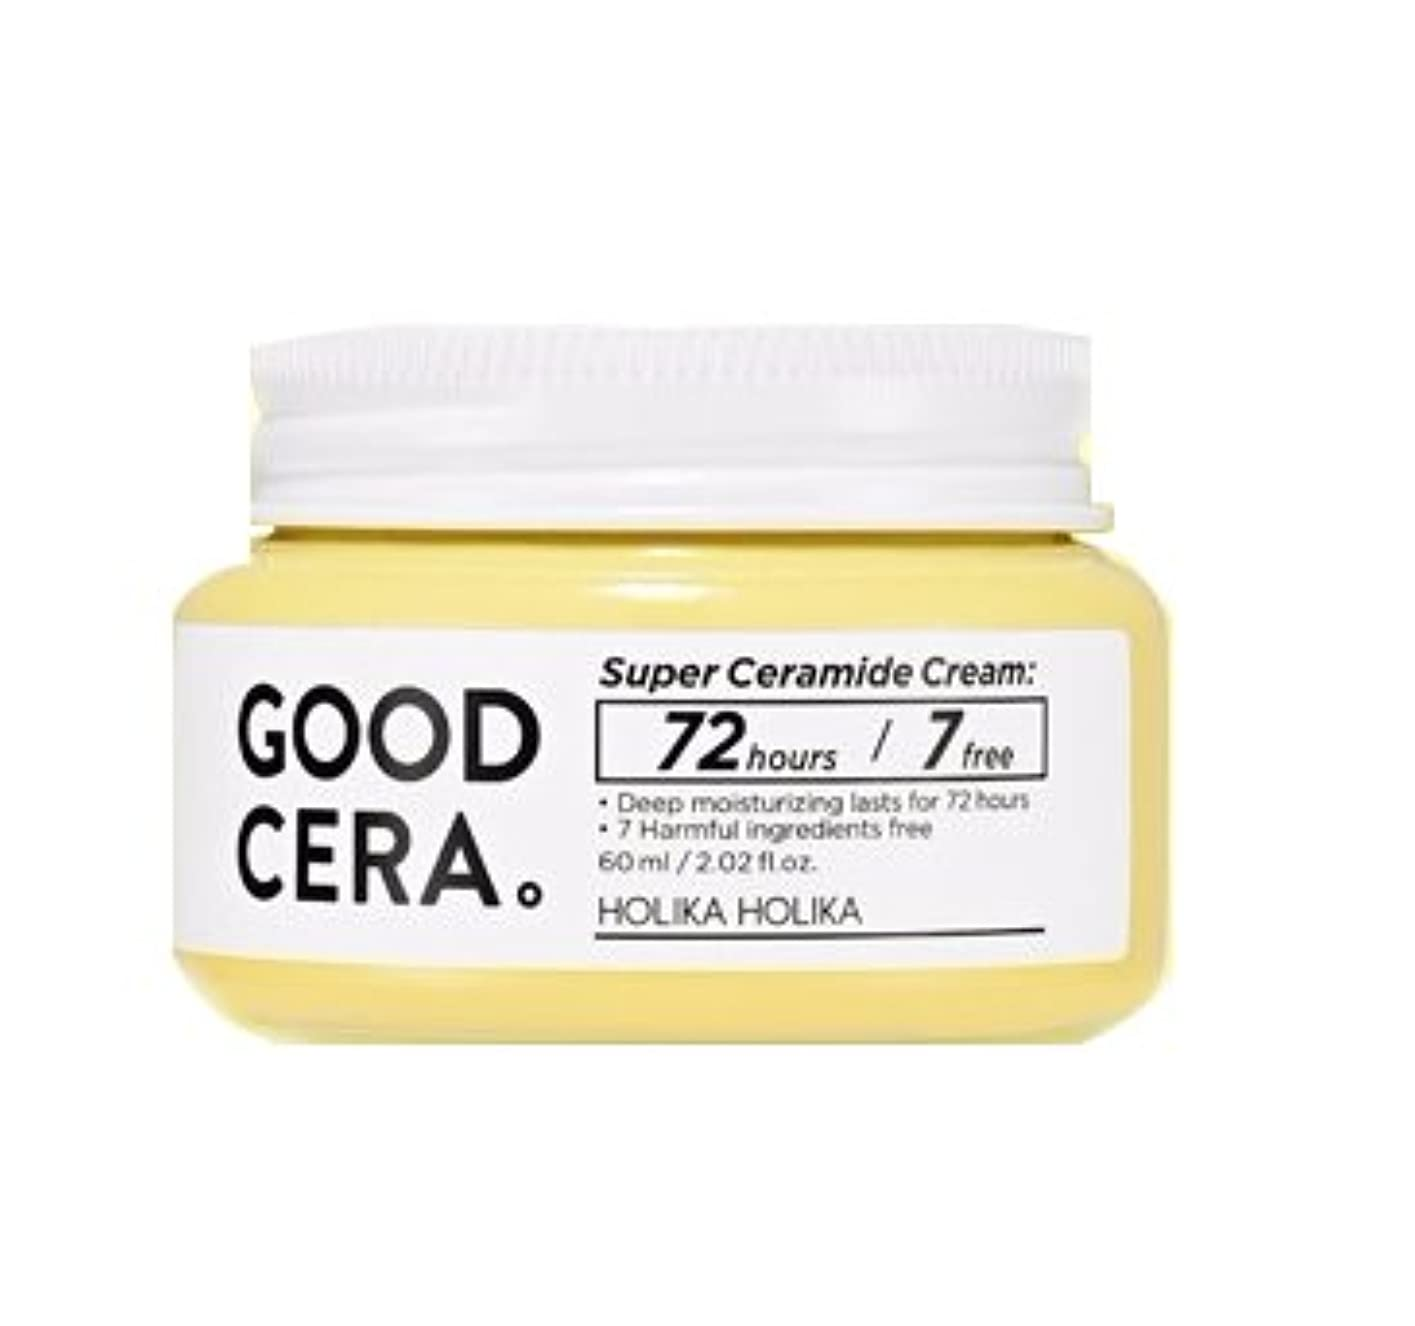 ブロッサム残基色[NEW] ホリカホリカ スーパーセラミドクリーム 60ml / HOLIKA HOLIKA Super Ceramide Cream [並行輸入品]